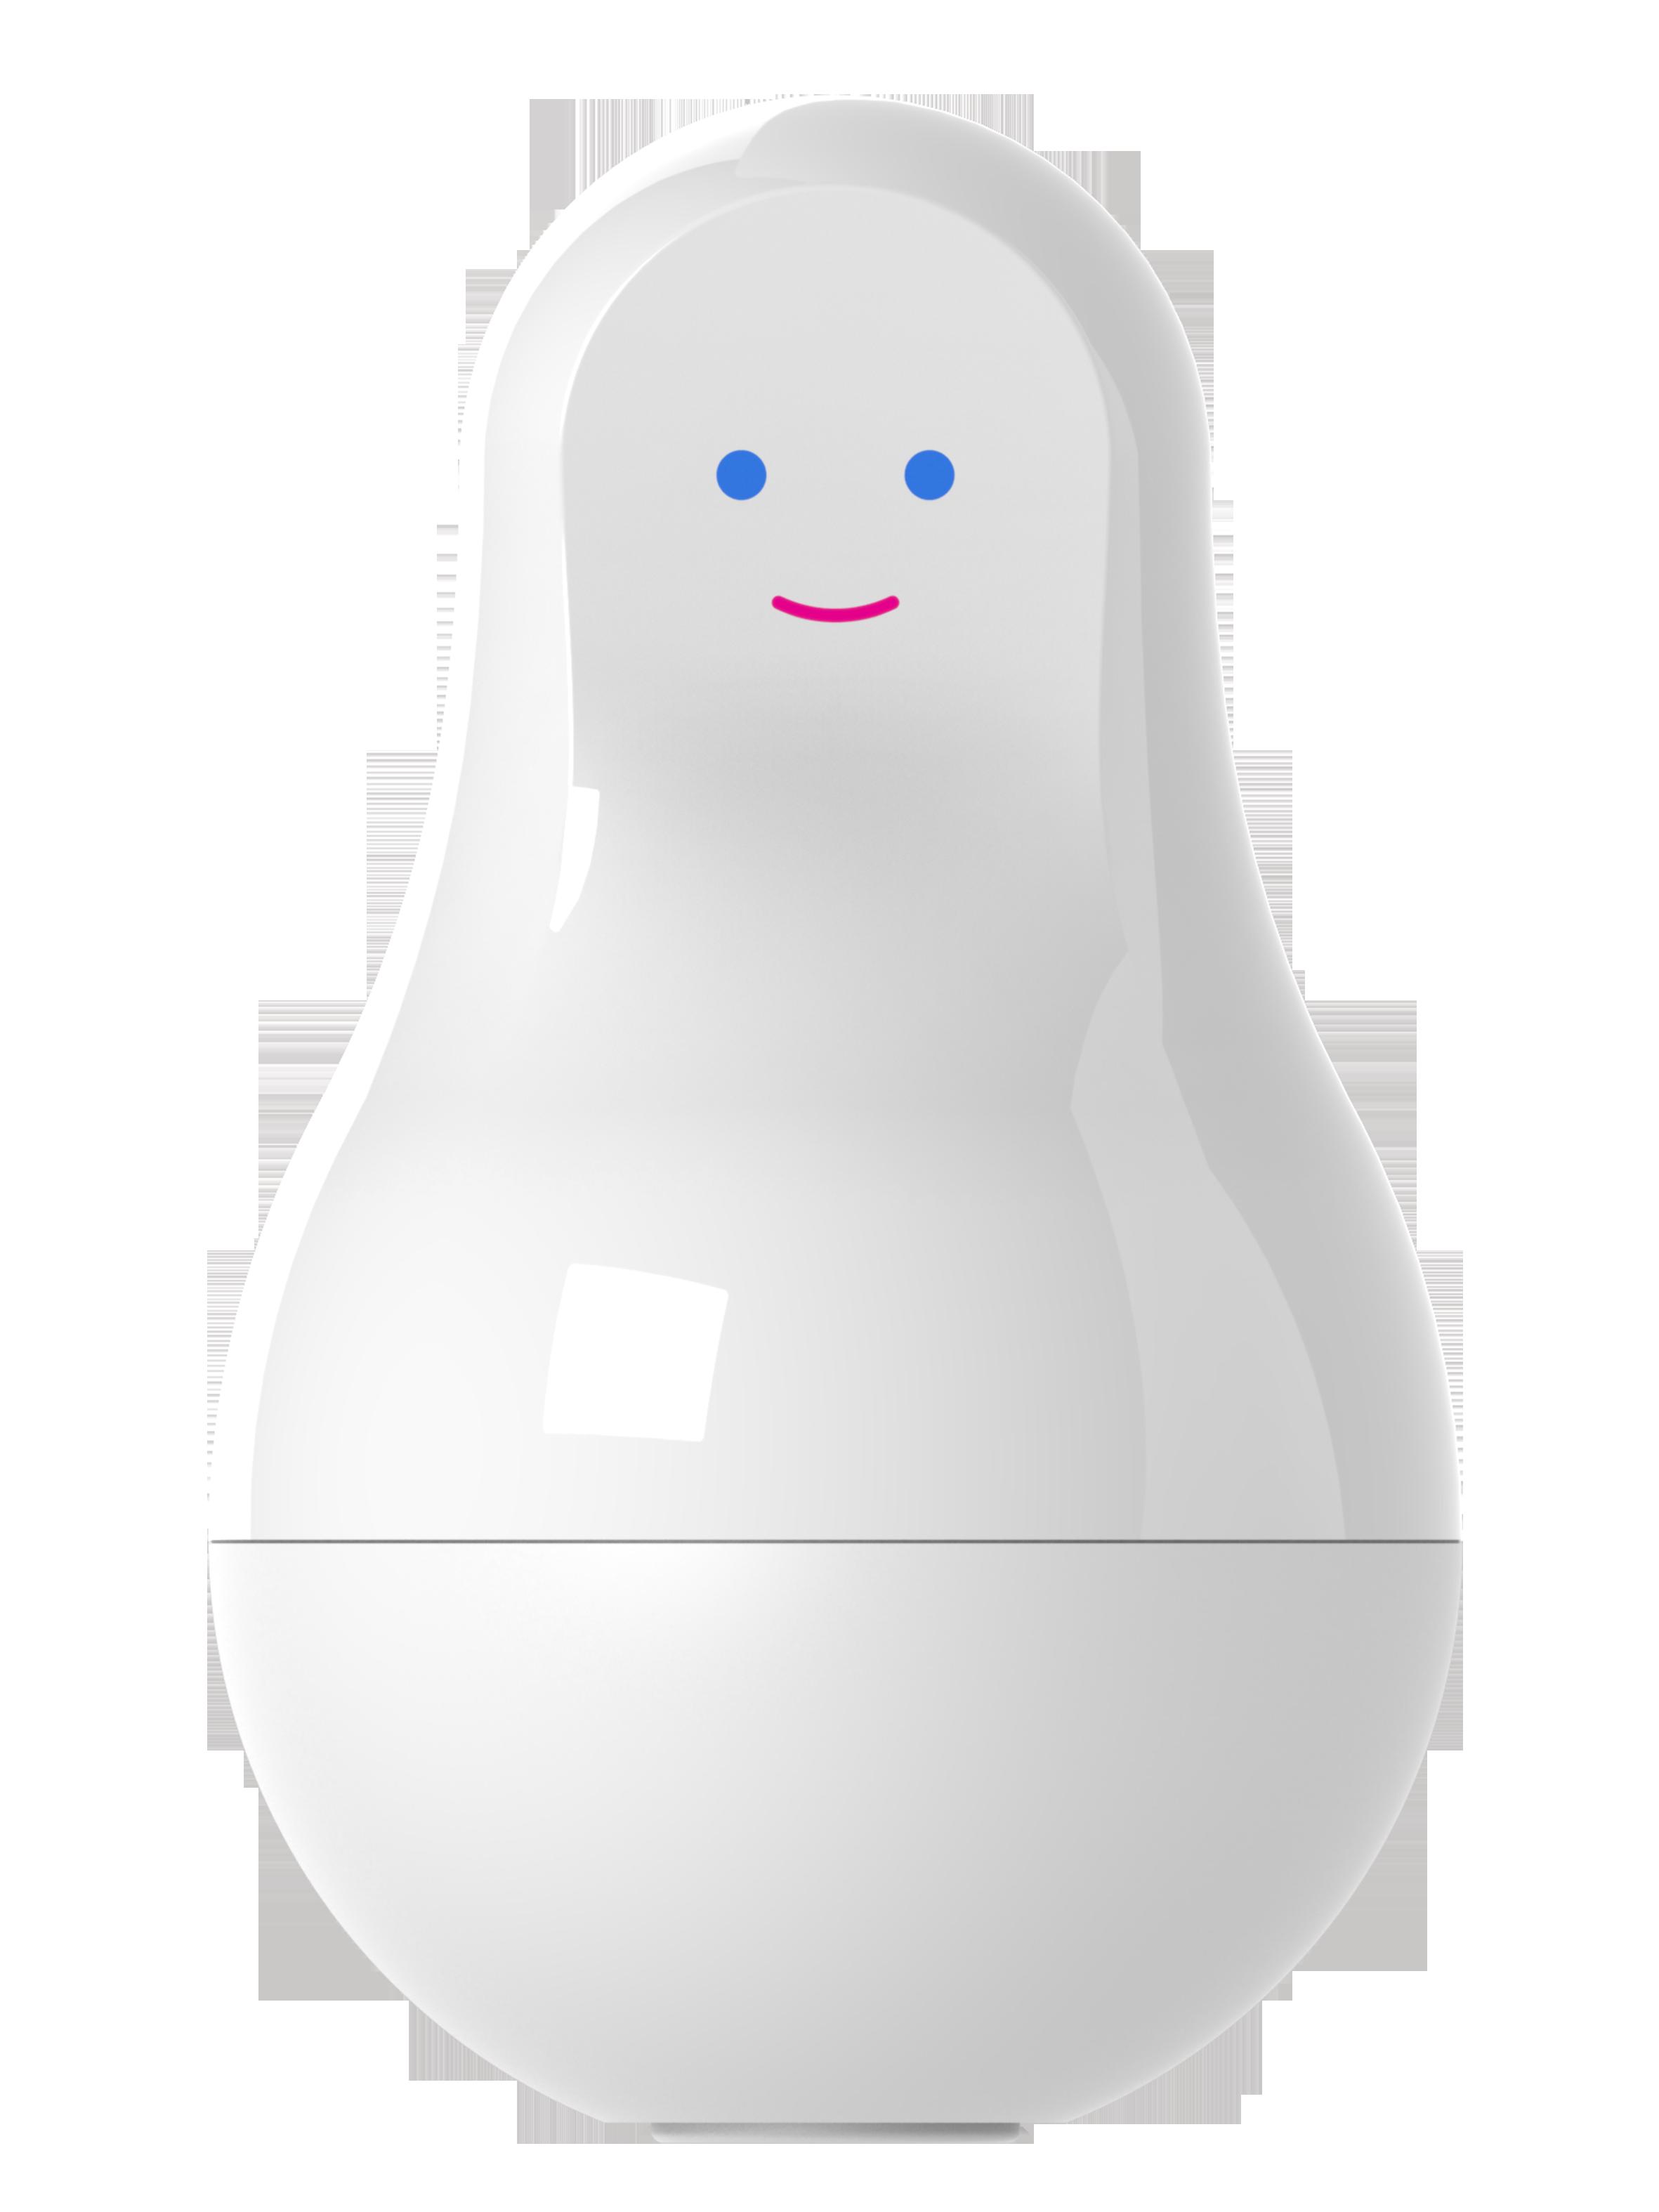 Sen.se - домашняя сенсорная сеть под управлением  Sense Mother